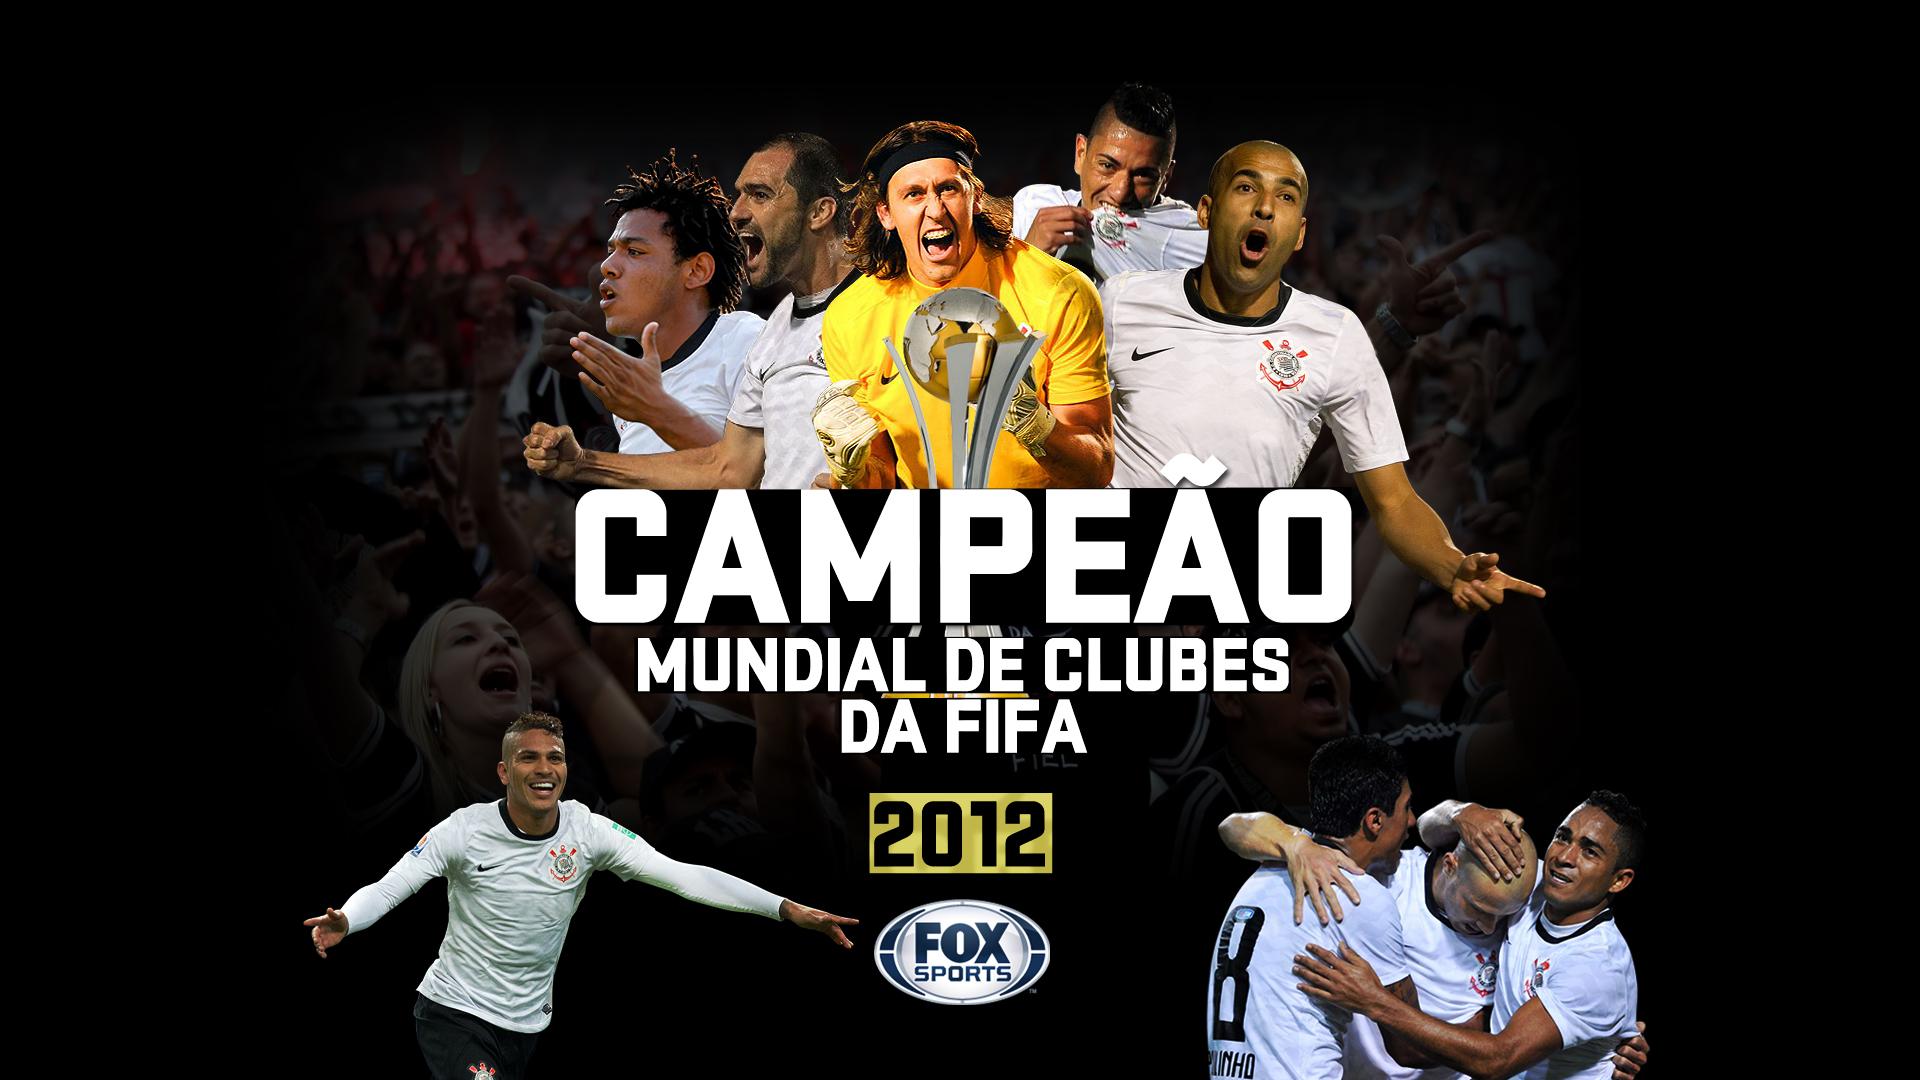 Wallpapers: Corinthians Campeão Mundial de Clubes 2012